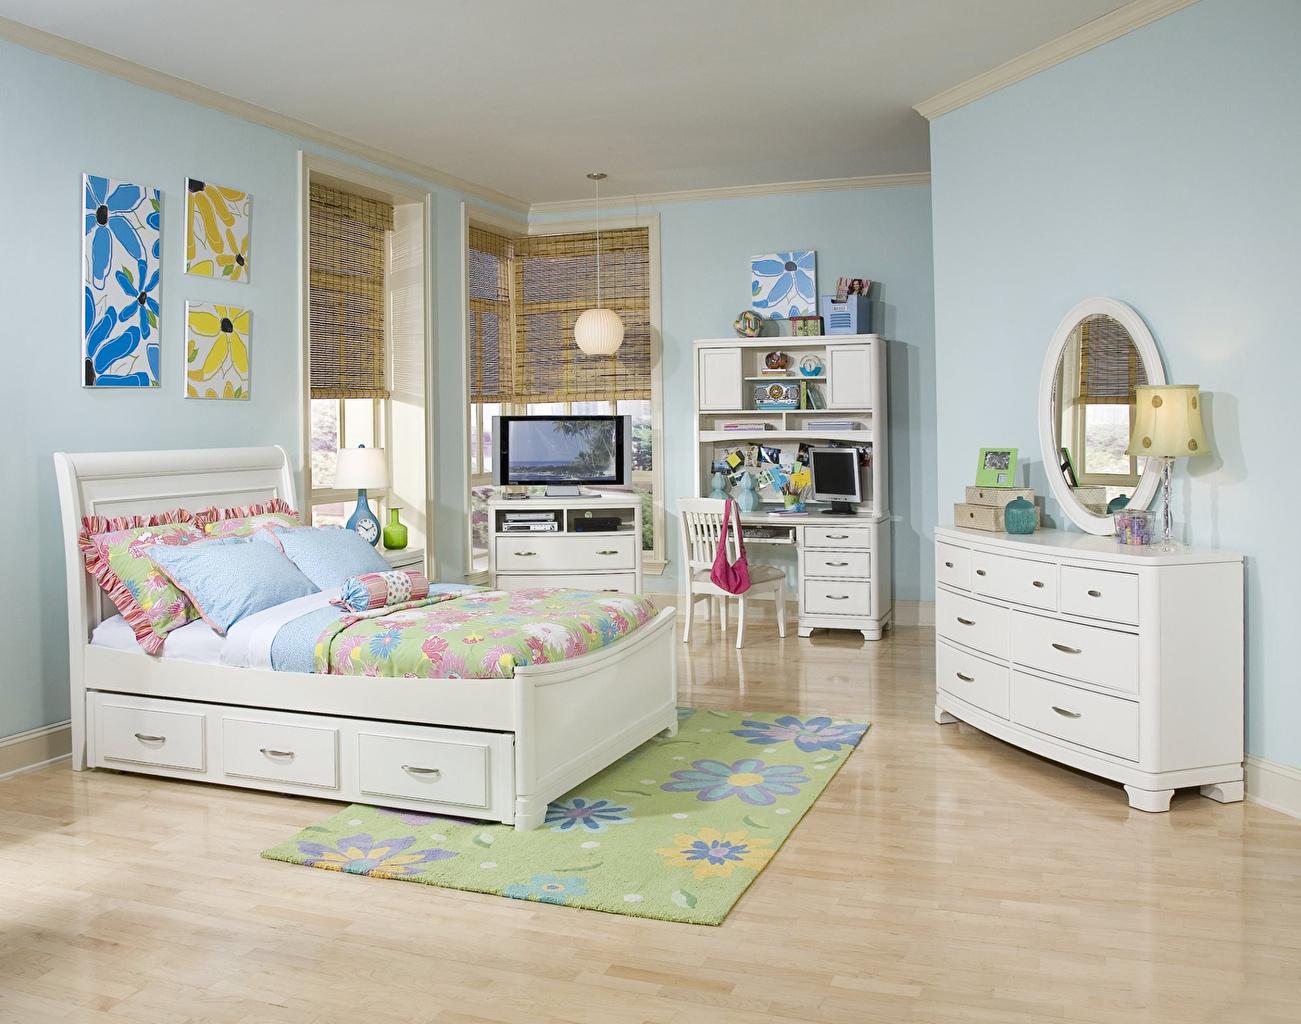 Картинка Детская комната Интерьер Кровать Подушки Дизайн постель кровати подушка дизайна